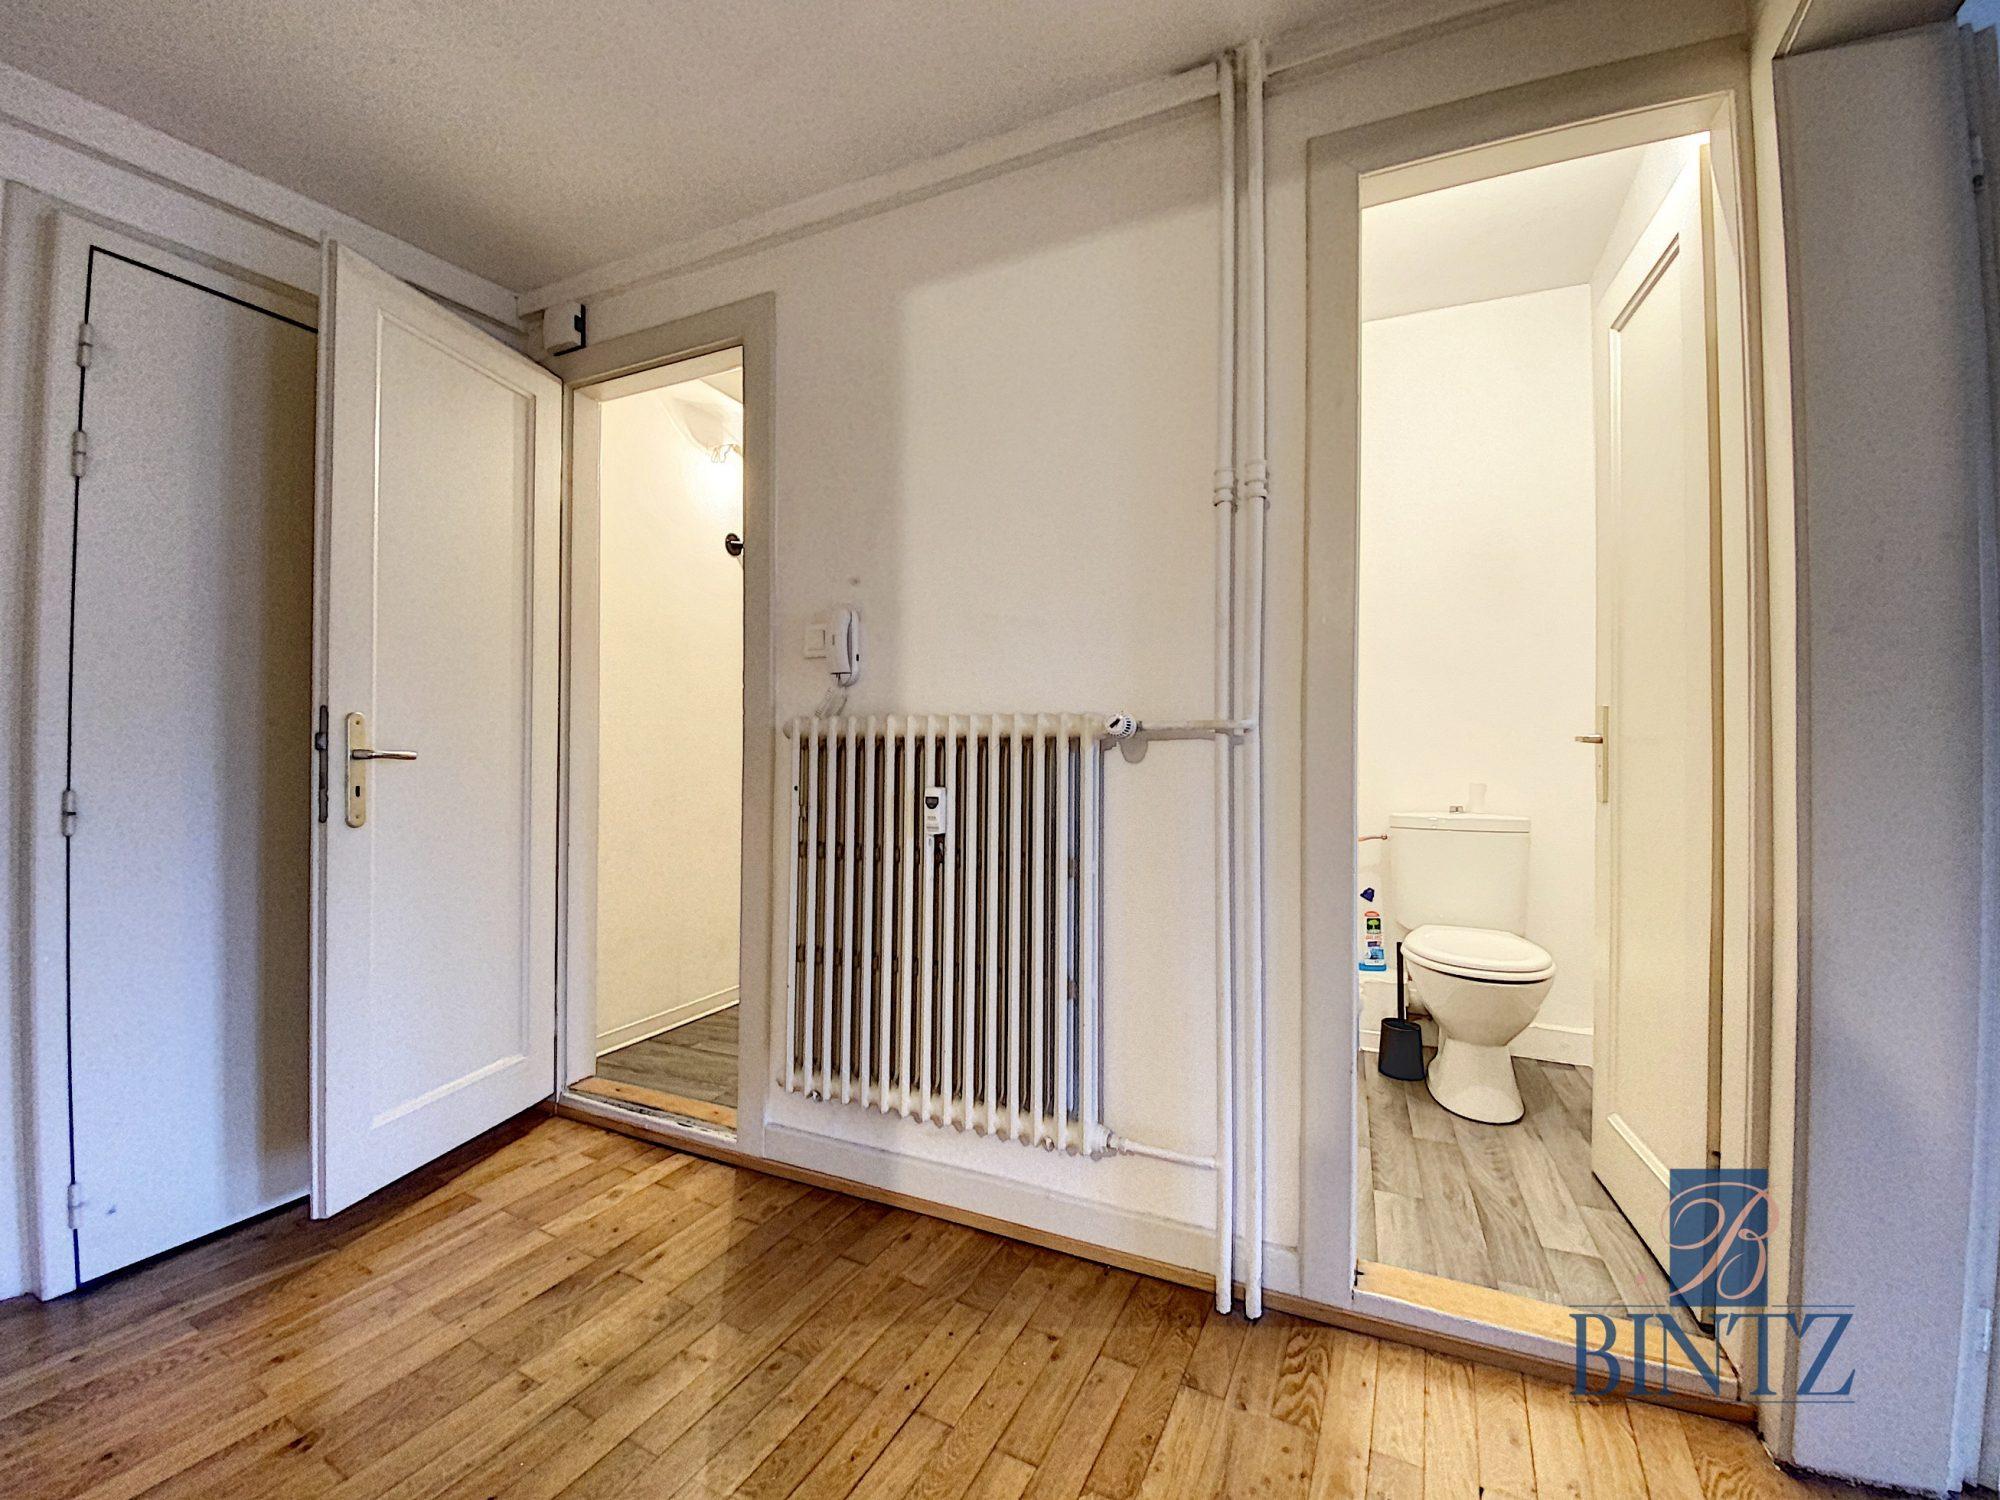 3 PIÈCES HYPERCENTRE - Devenez locataire en toute sérénité - Bintz Immobilier - 15